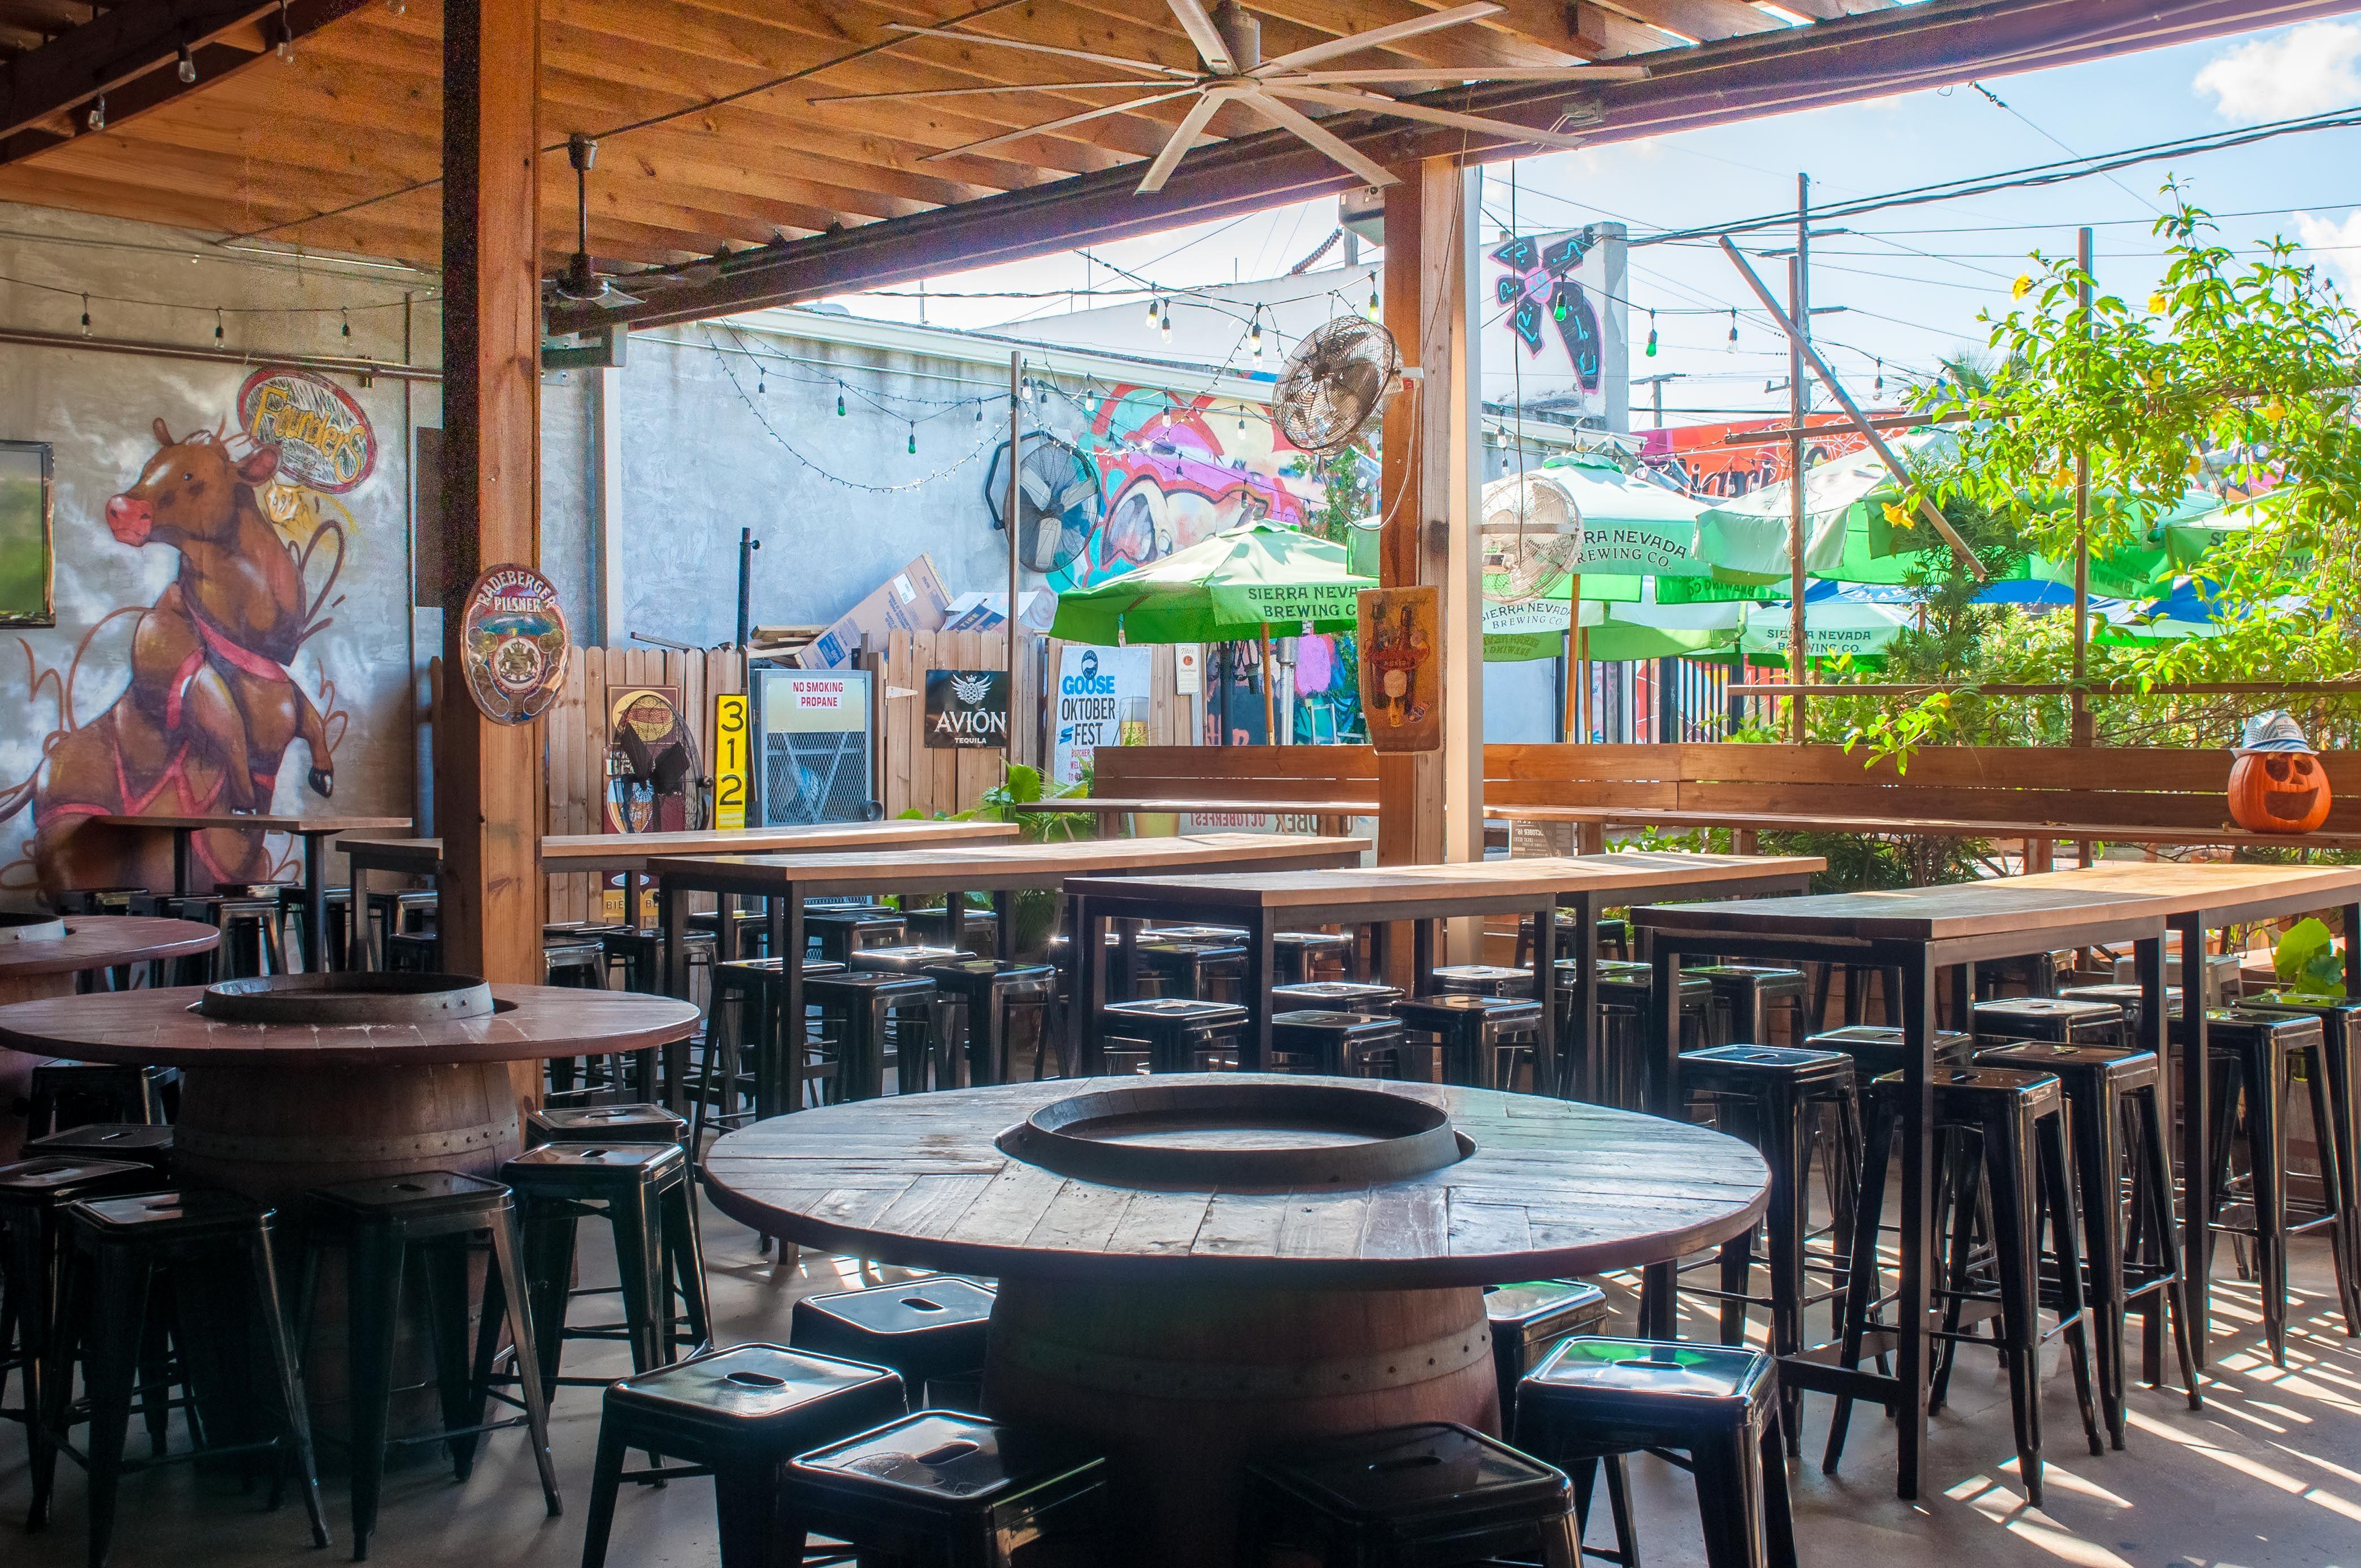 The Butcher Shop Restaurant & Beer Garden Wynwood